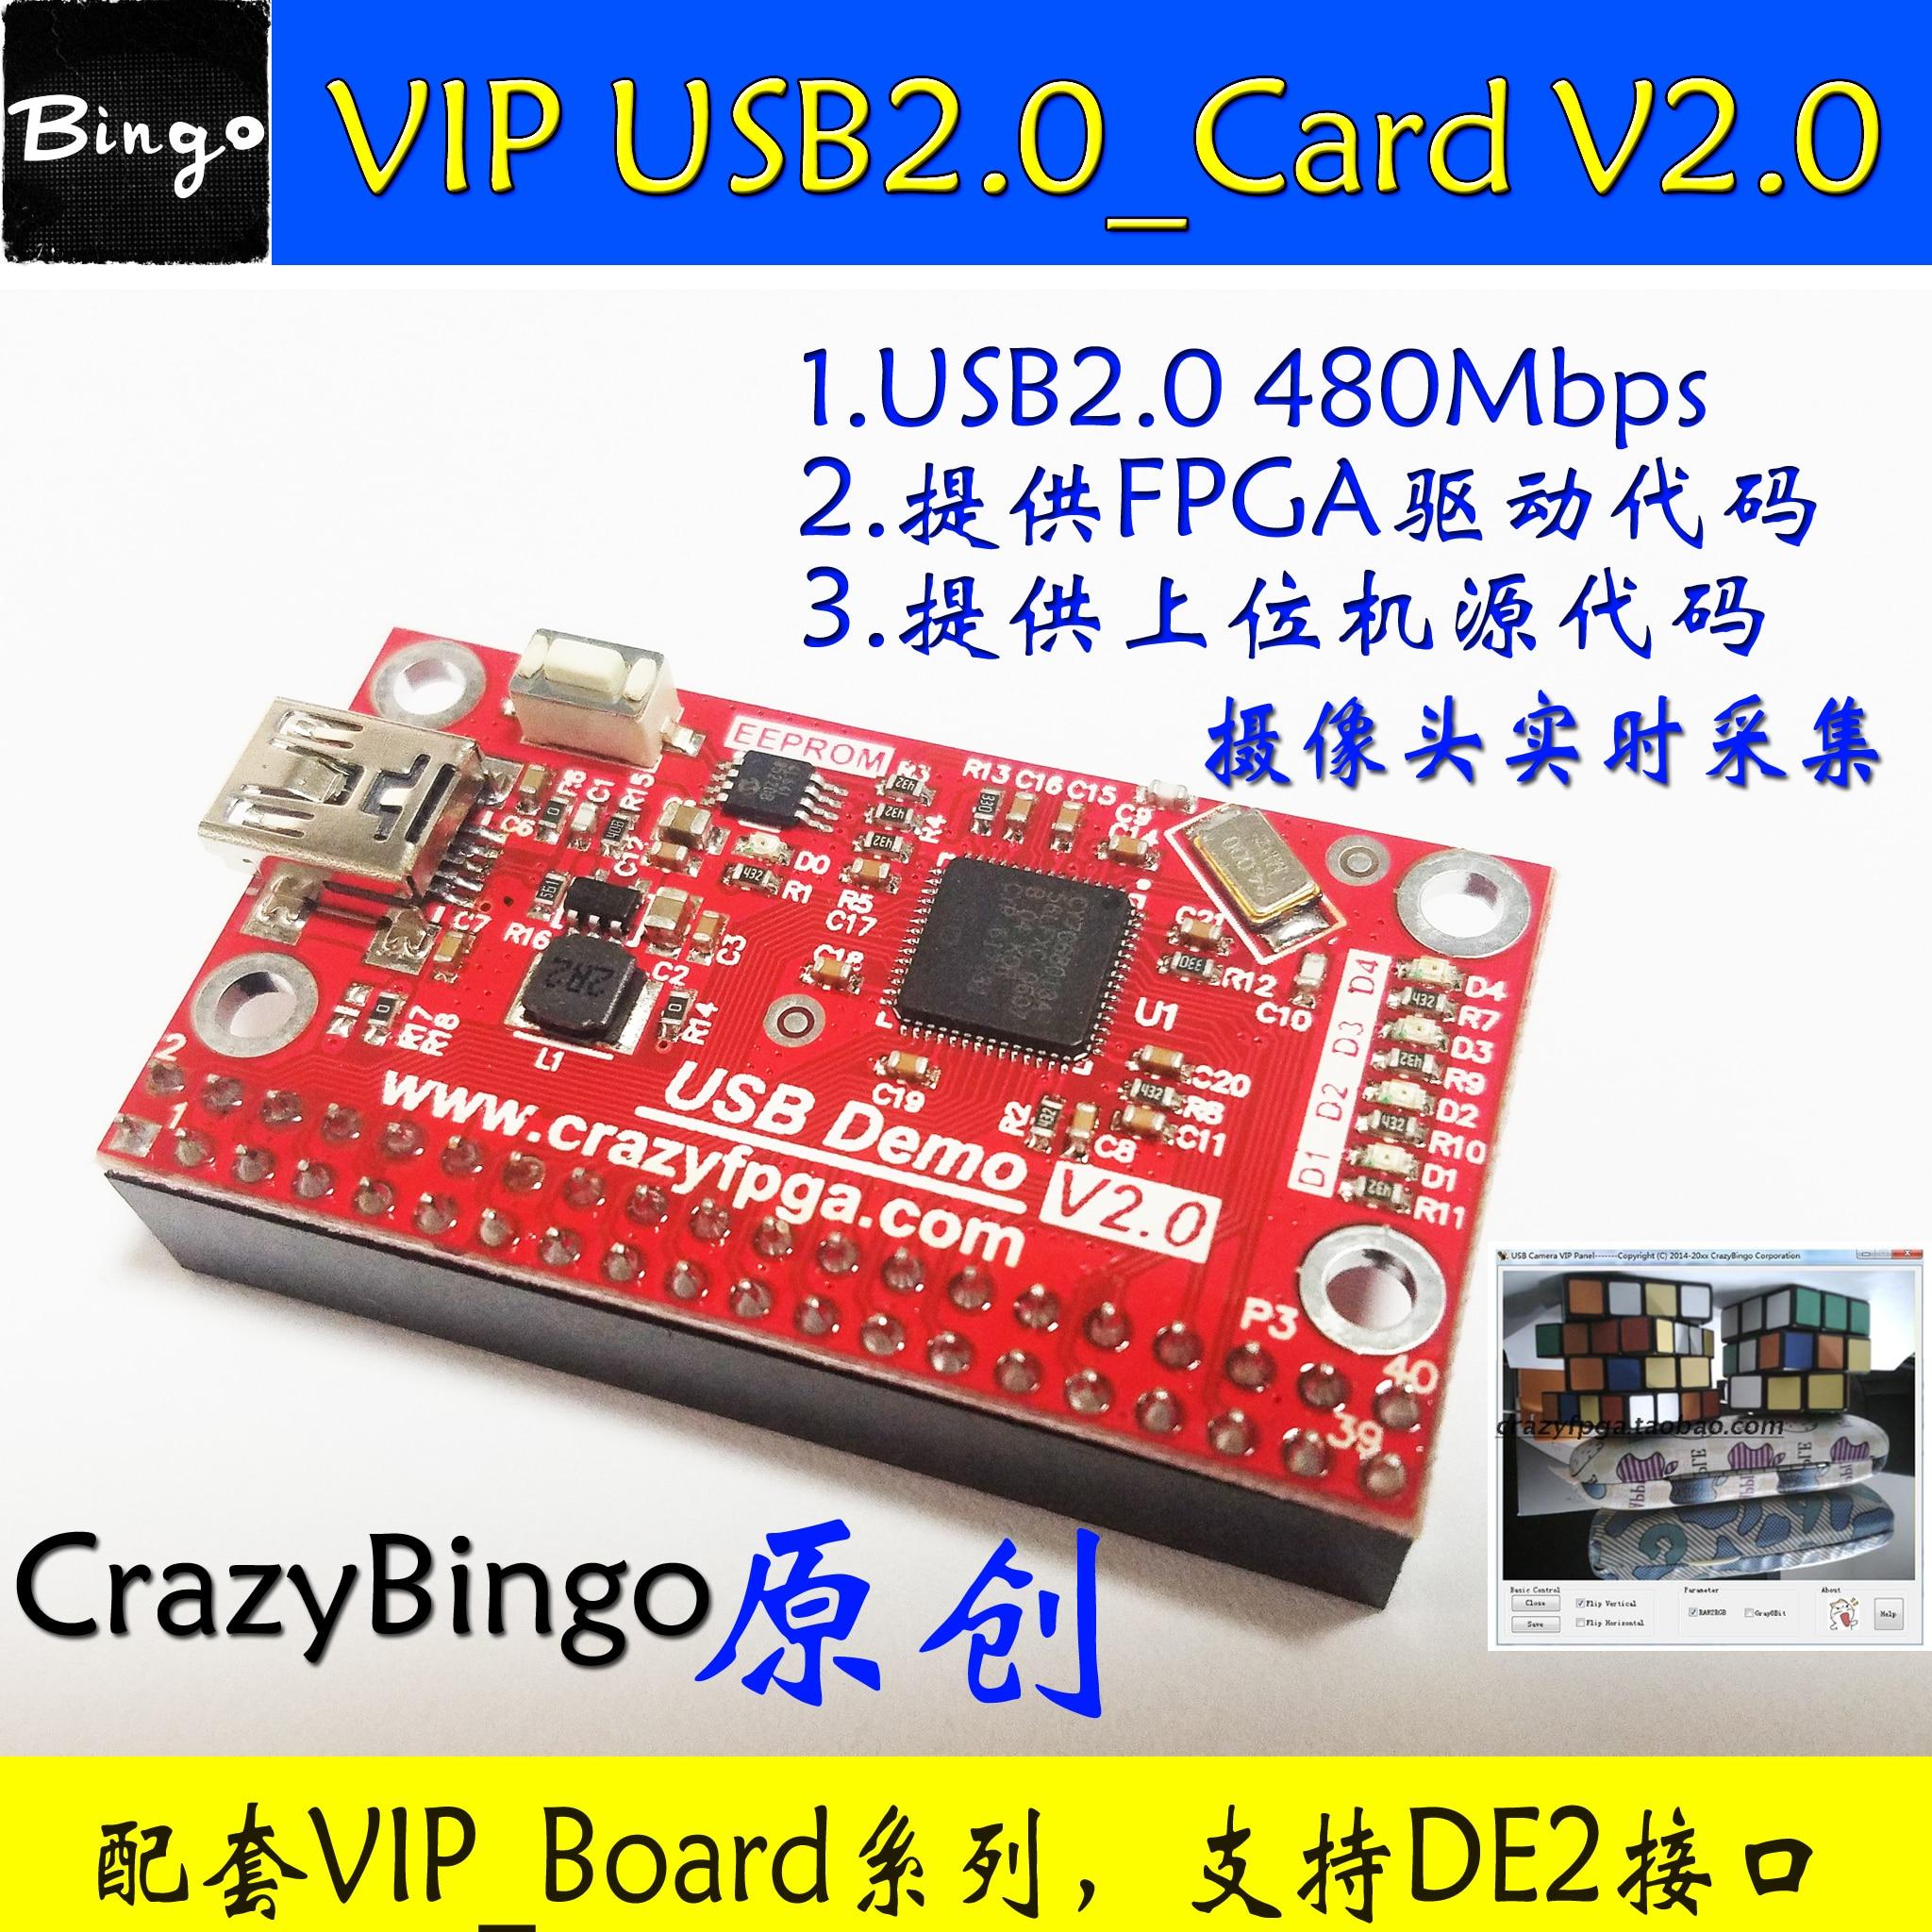 La placa de Pinboard USB2.0 admite la placa VIP de la serie DE2 proporciona la computadora Superior de Ingeniería FPGA